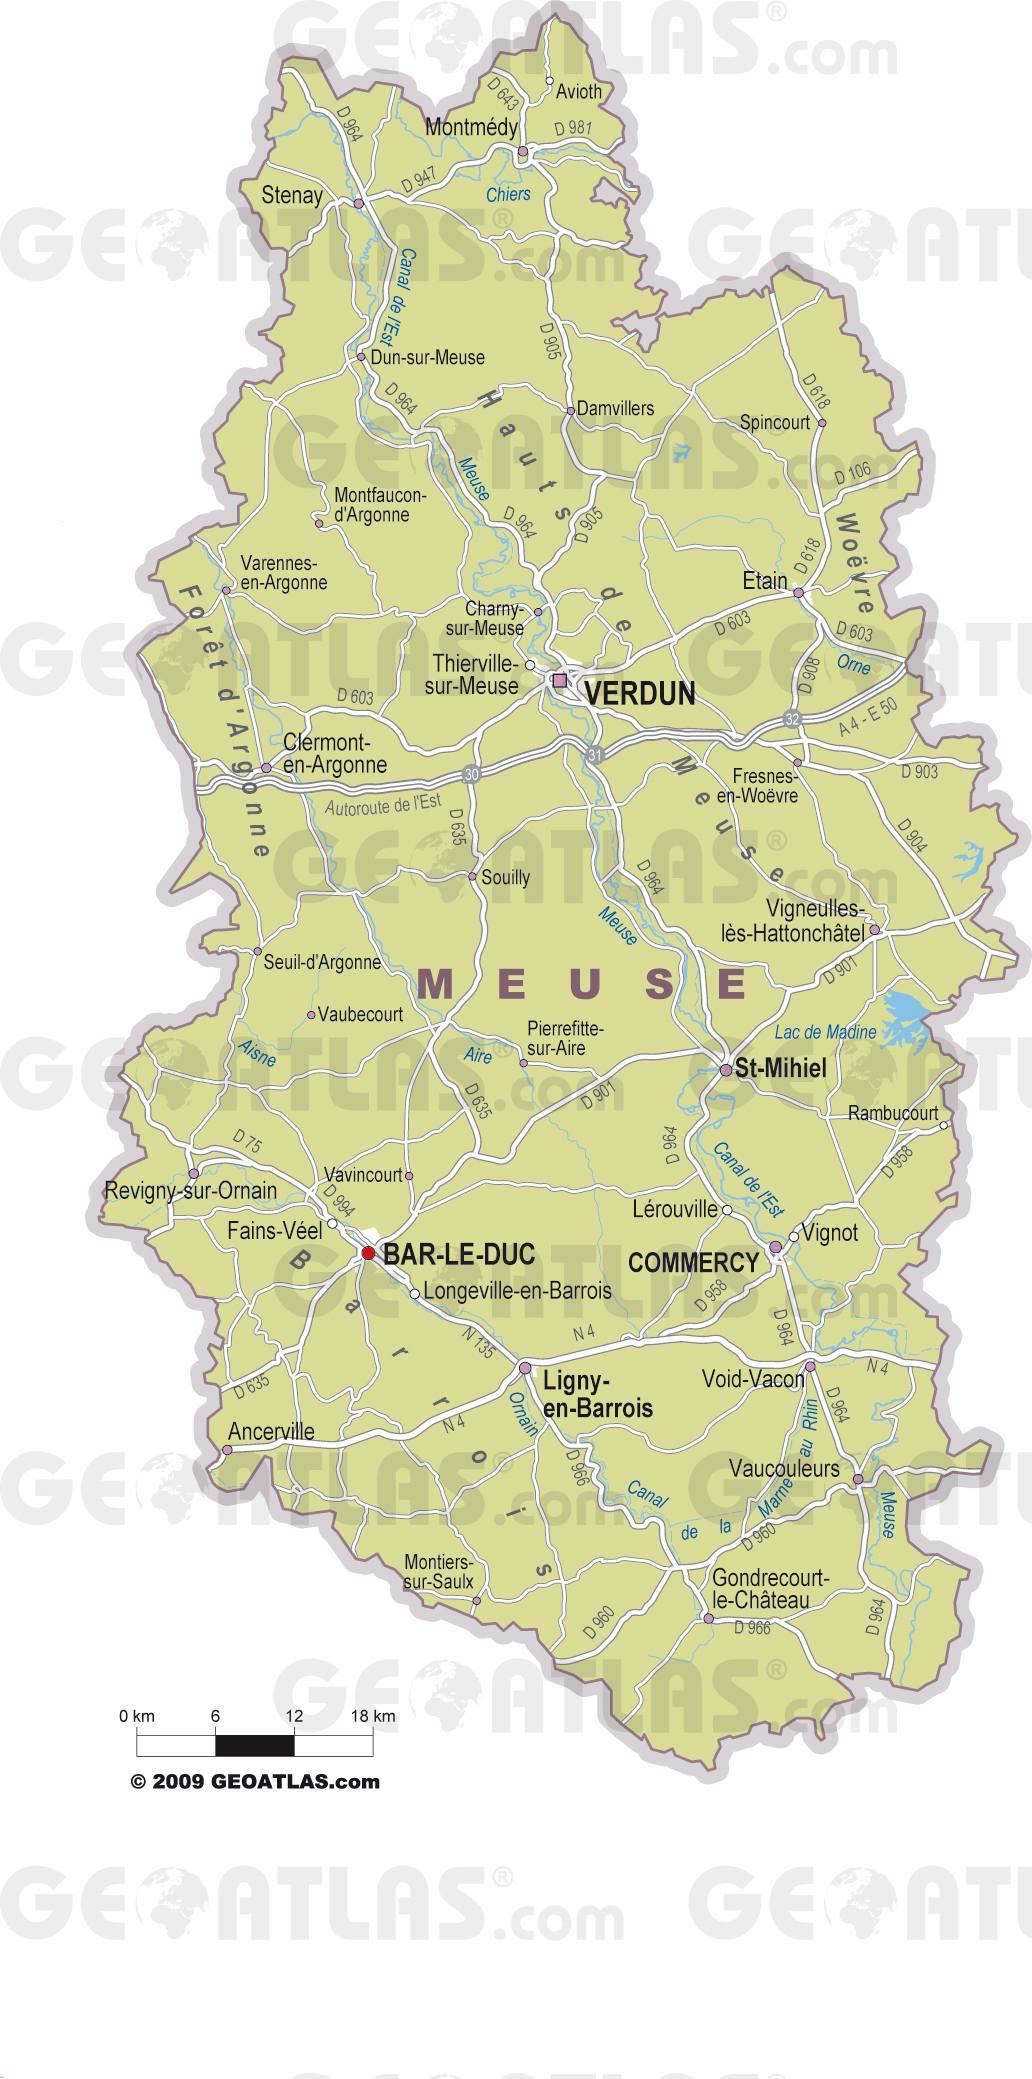 Carte des villes de la Meuse